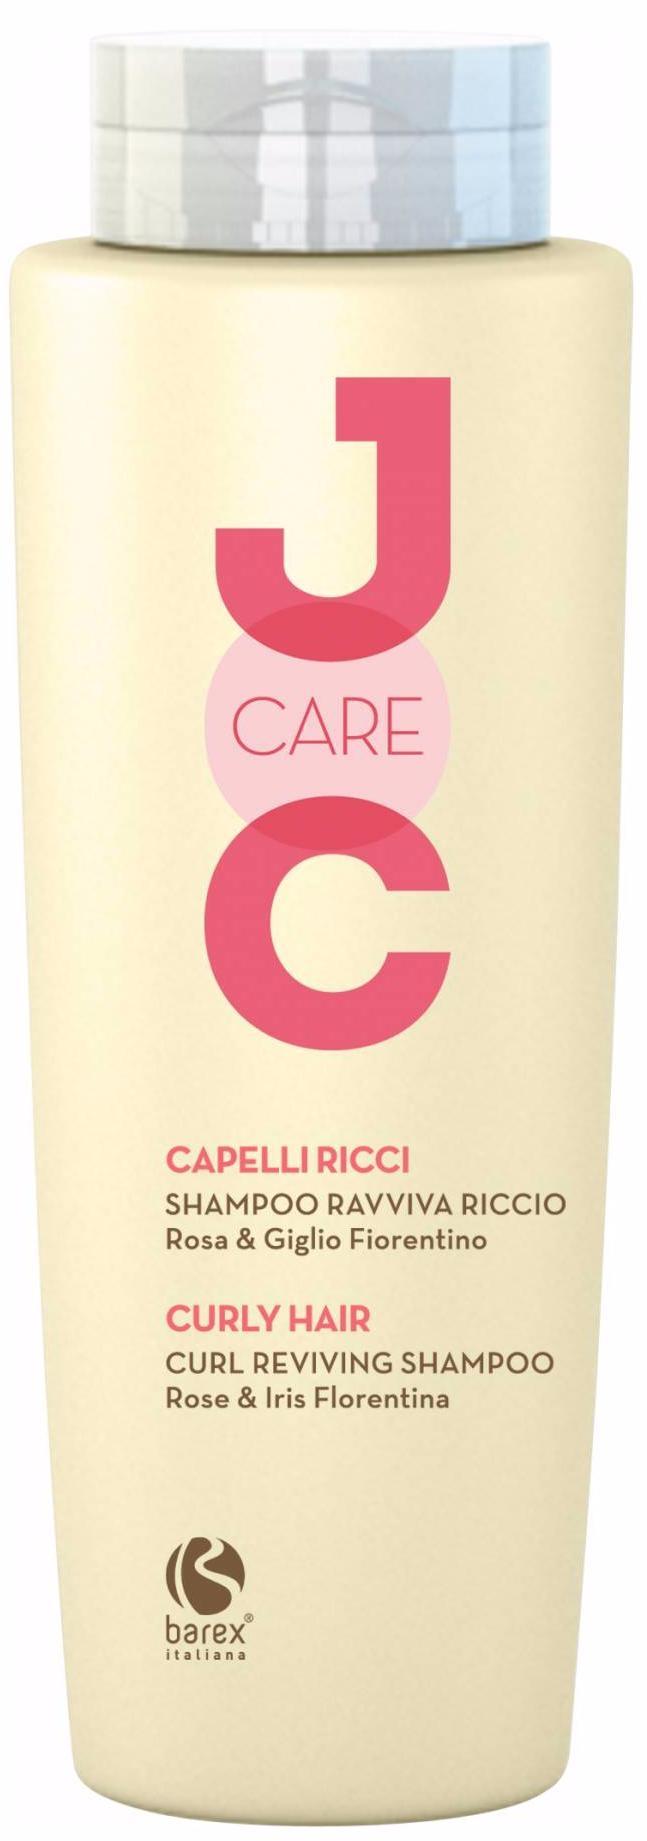 Barex Шампунь Curl Reviving Shampoo Rose & Iris Florentina Идеальные Кудри с Флорентийской лилией , 250 мл